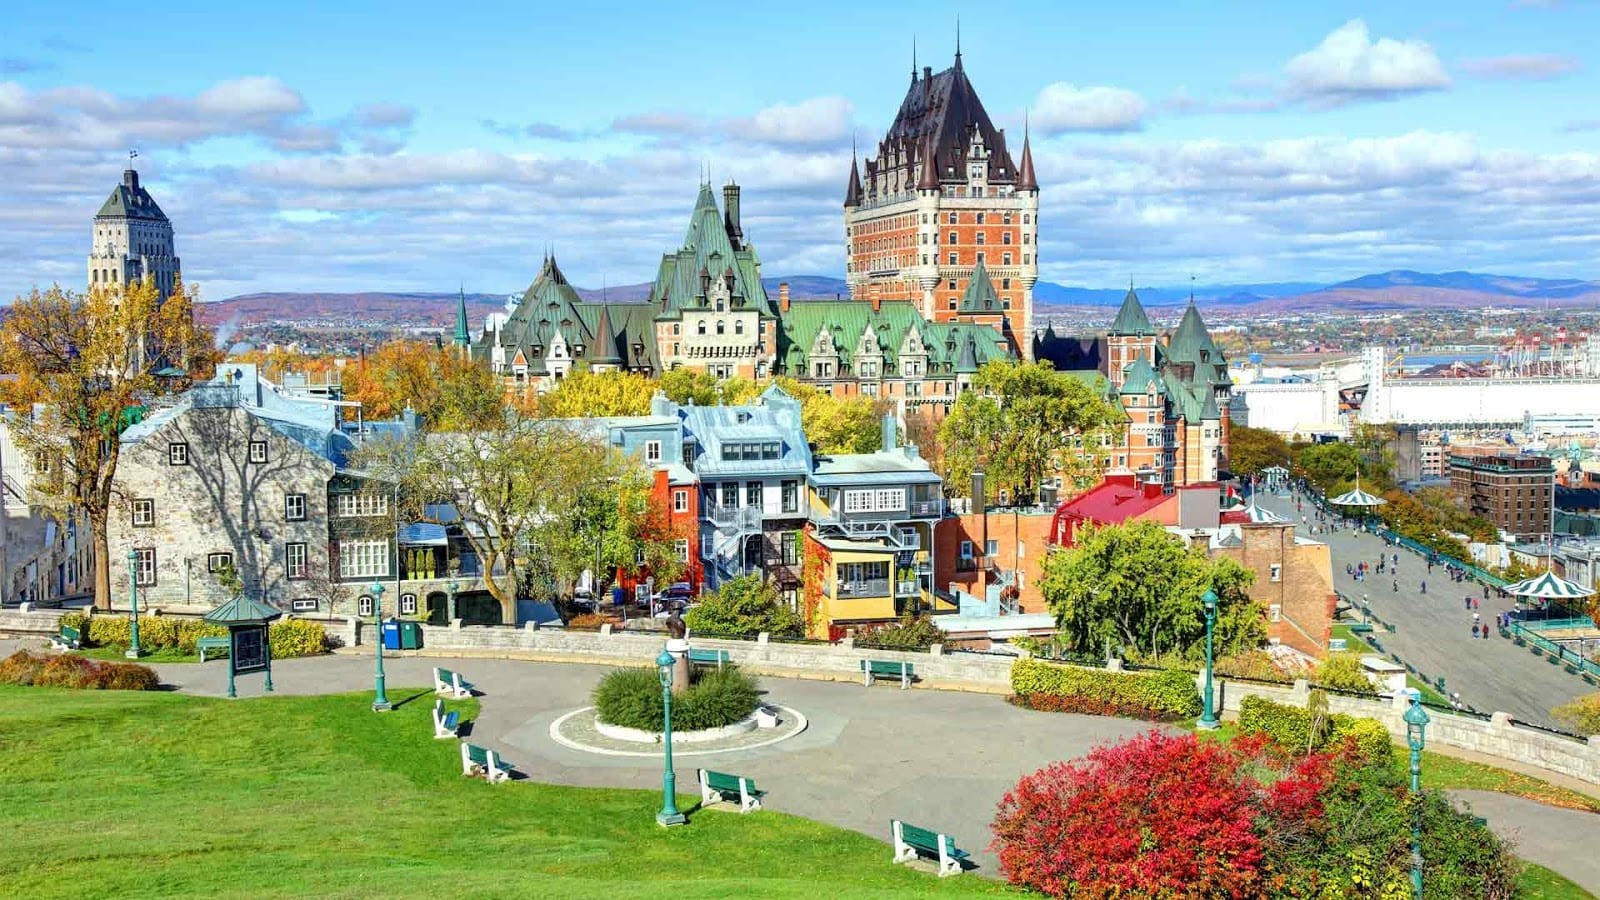 văn hóa canada, văn hóa ăn uống của người canada, văn hóa giao tiếp của người canada, văn hóa ẩm thực canada, nền văn hóa canada, văn hóa của người canada, văn hoá chính trị canada, văn hóa ở canada, văn hóa của đất nước canada, văn hóa con người canada, văn hóa của canada, văn hóa nước canada, văn hóa người canada